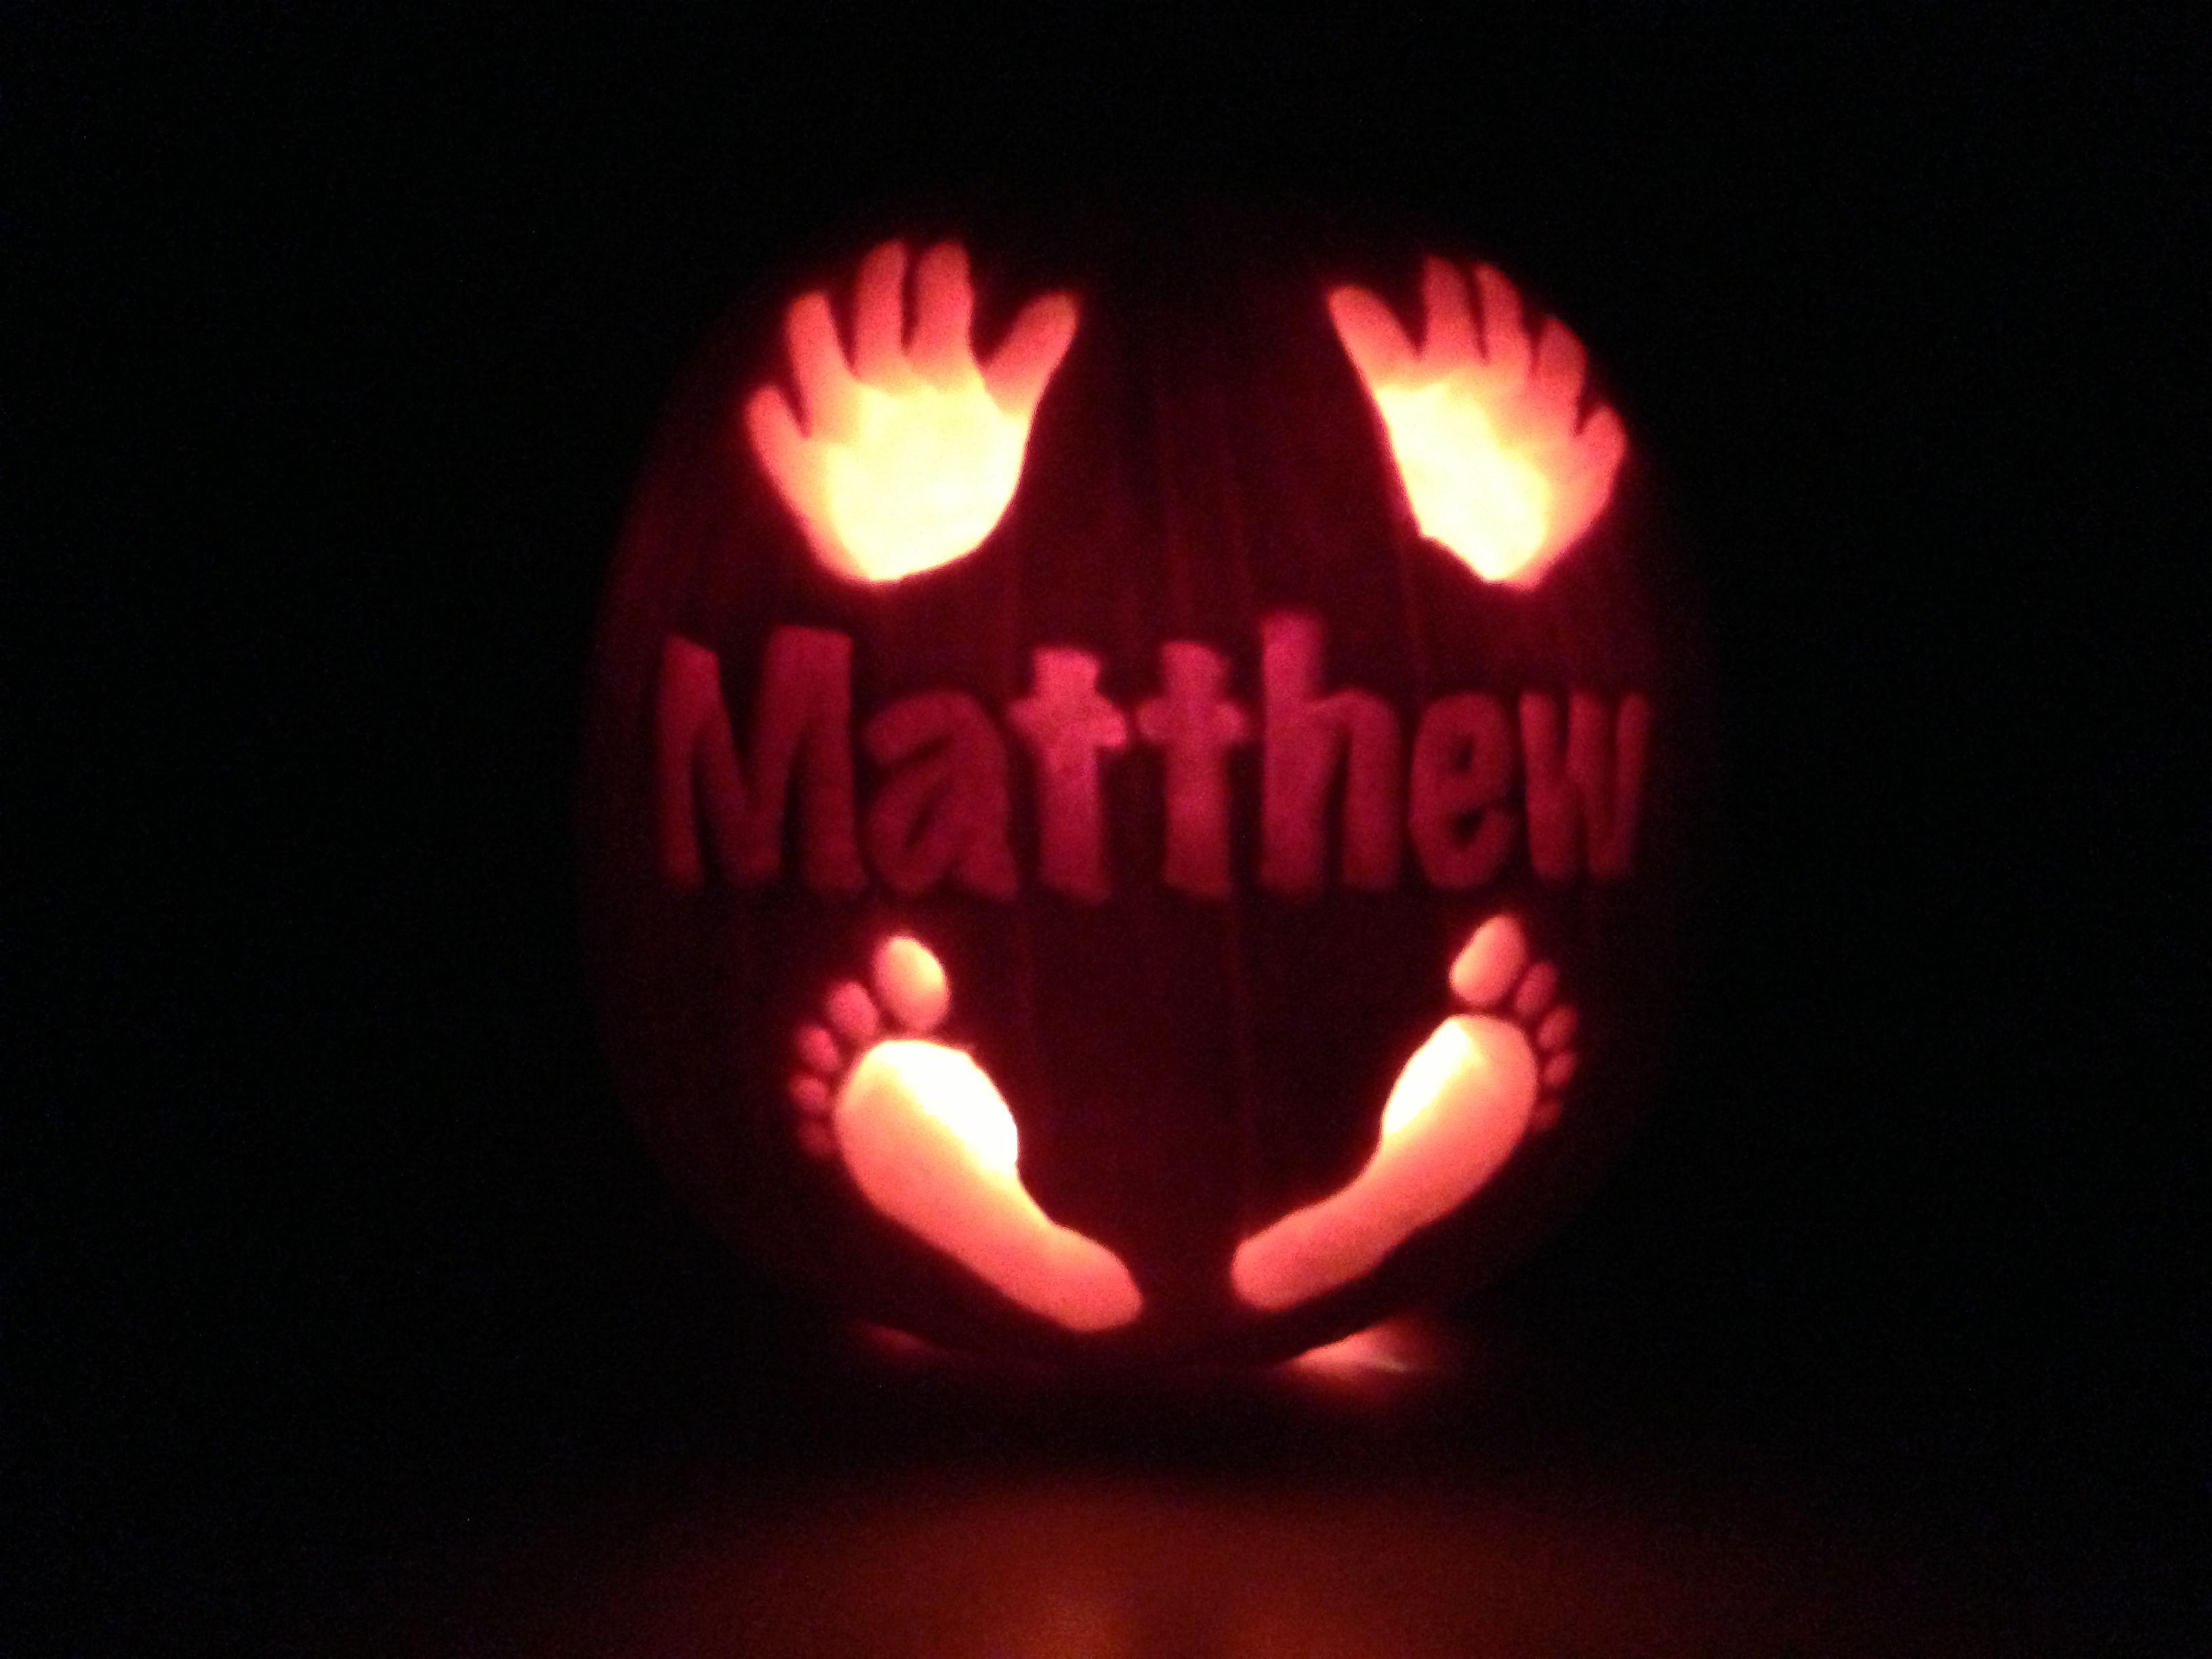 I love pumpkin carving - baby's 1st pumpkin! | Love | Pinterest ...